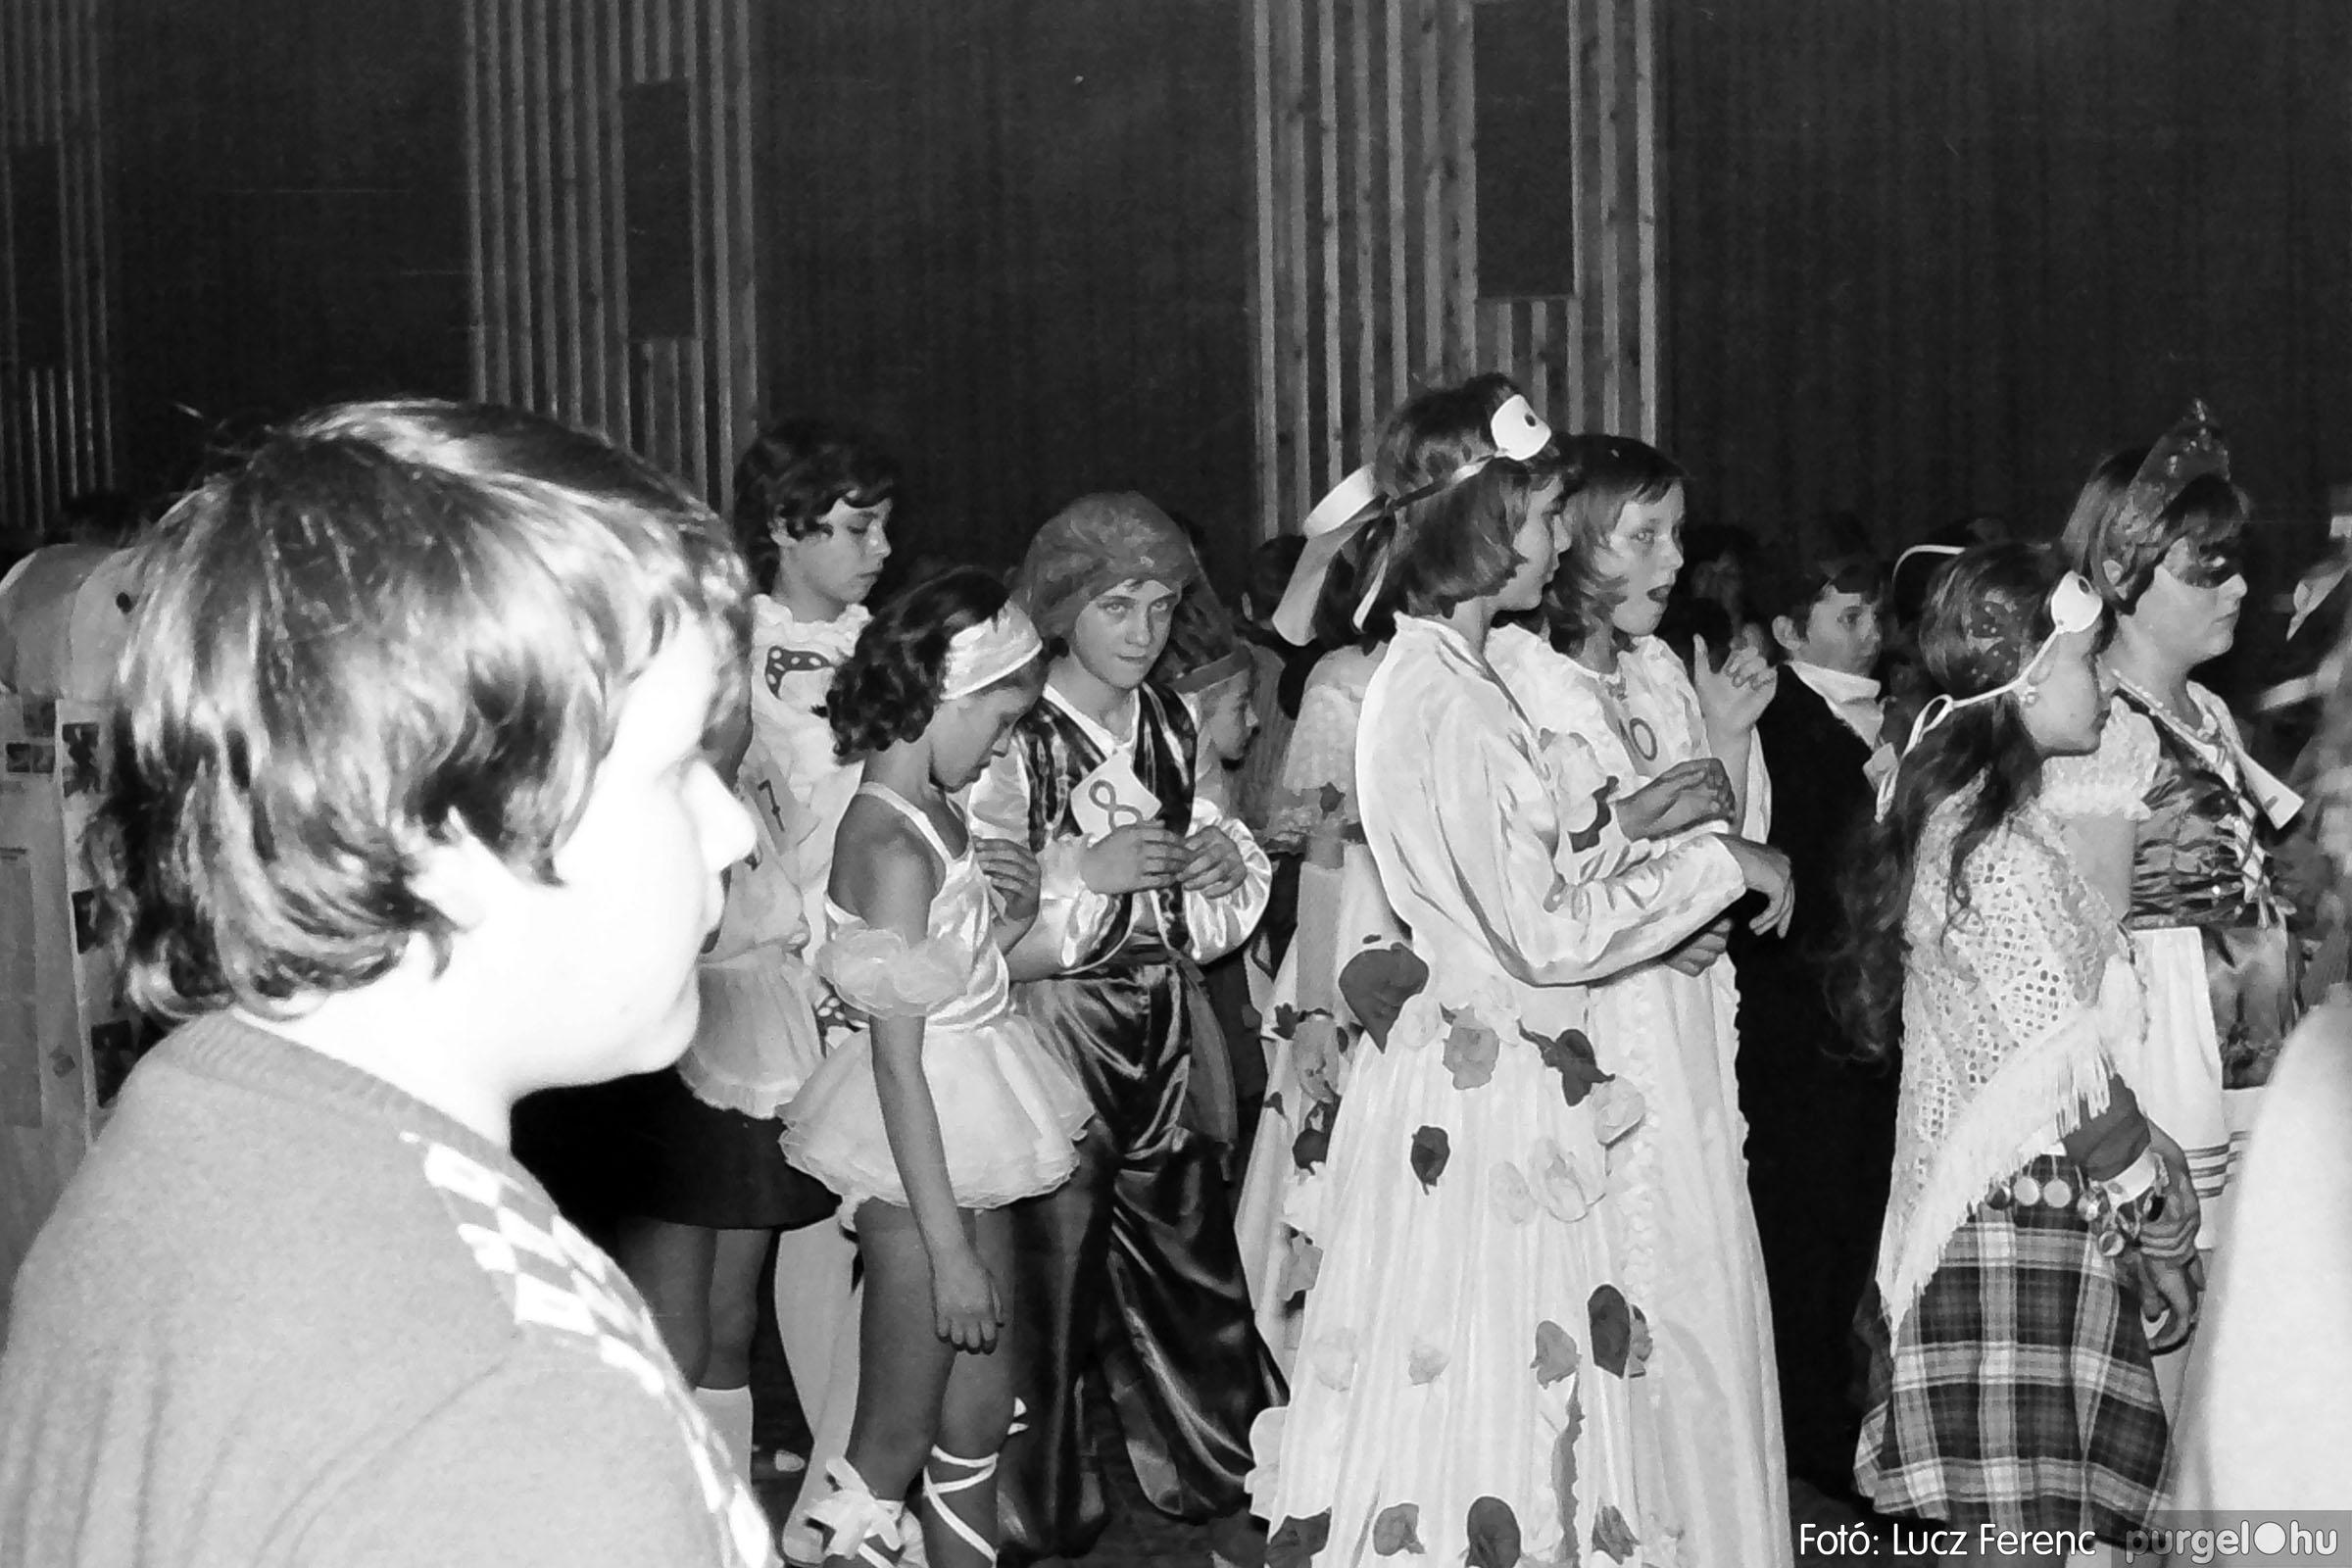 035. 1976. Iskolai farsang a kultúrházban 024 - Fotó: Lucz Ferenc.jpg